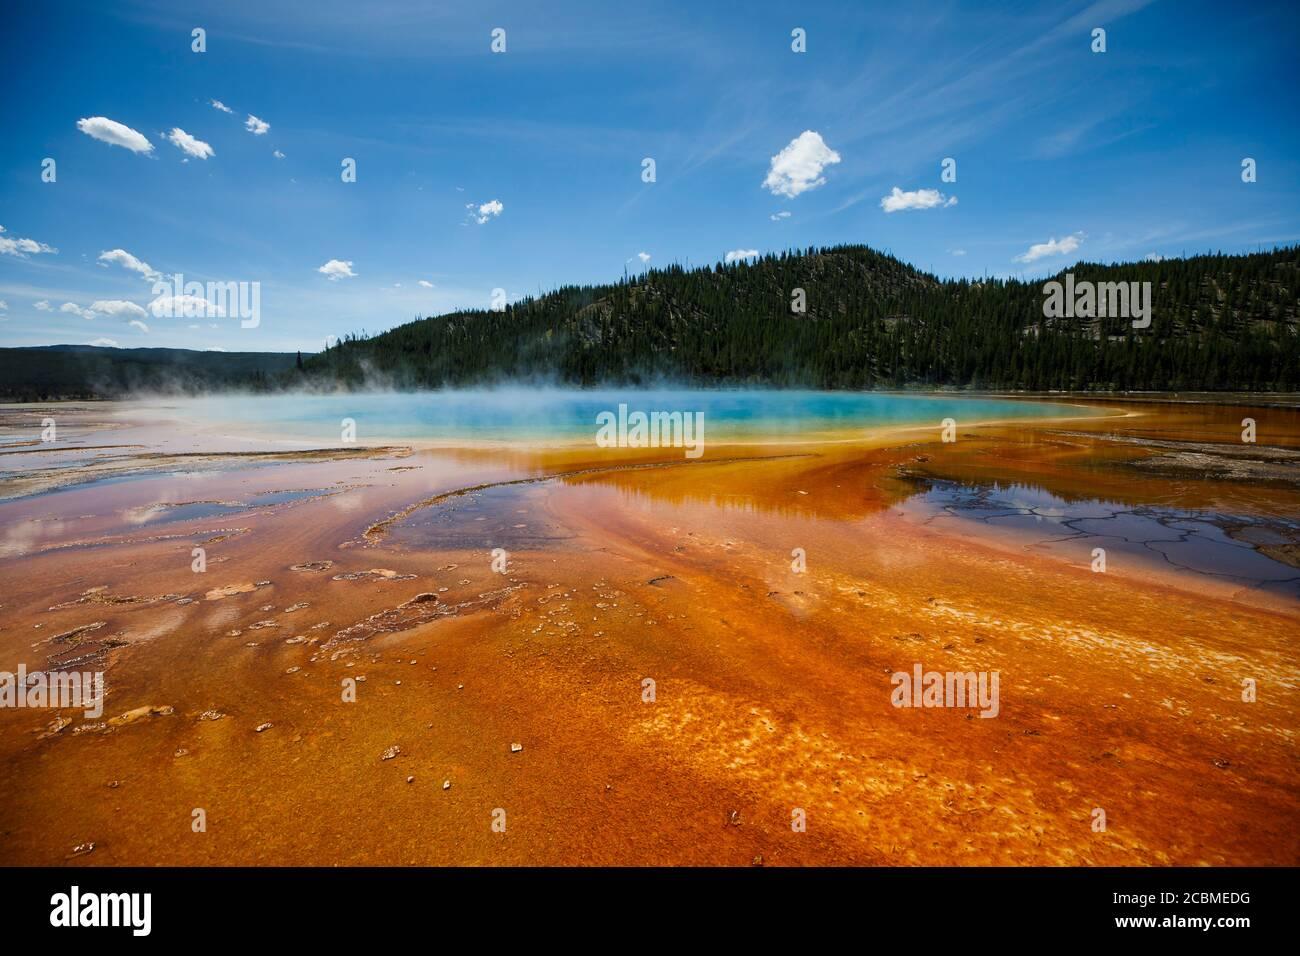 Las algas y las bacterias le dan a Grand Prismatic Spring sus impresionantes colores en el Parque Nacional de Yellowstone. Foto de stock